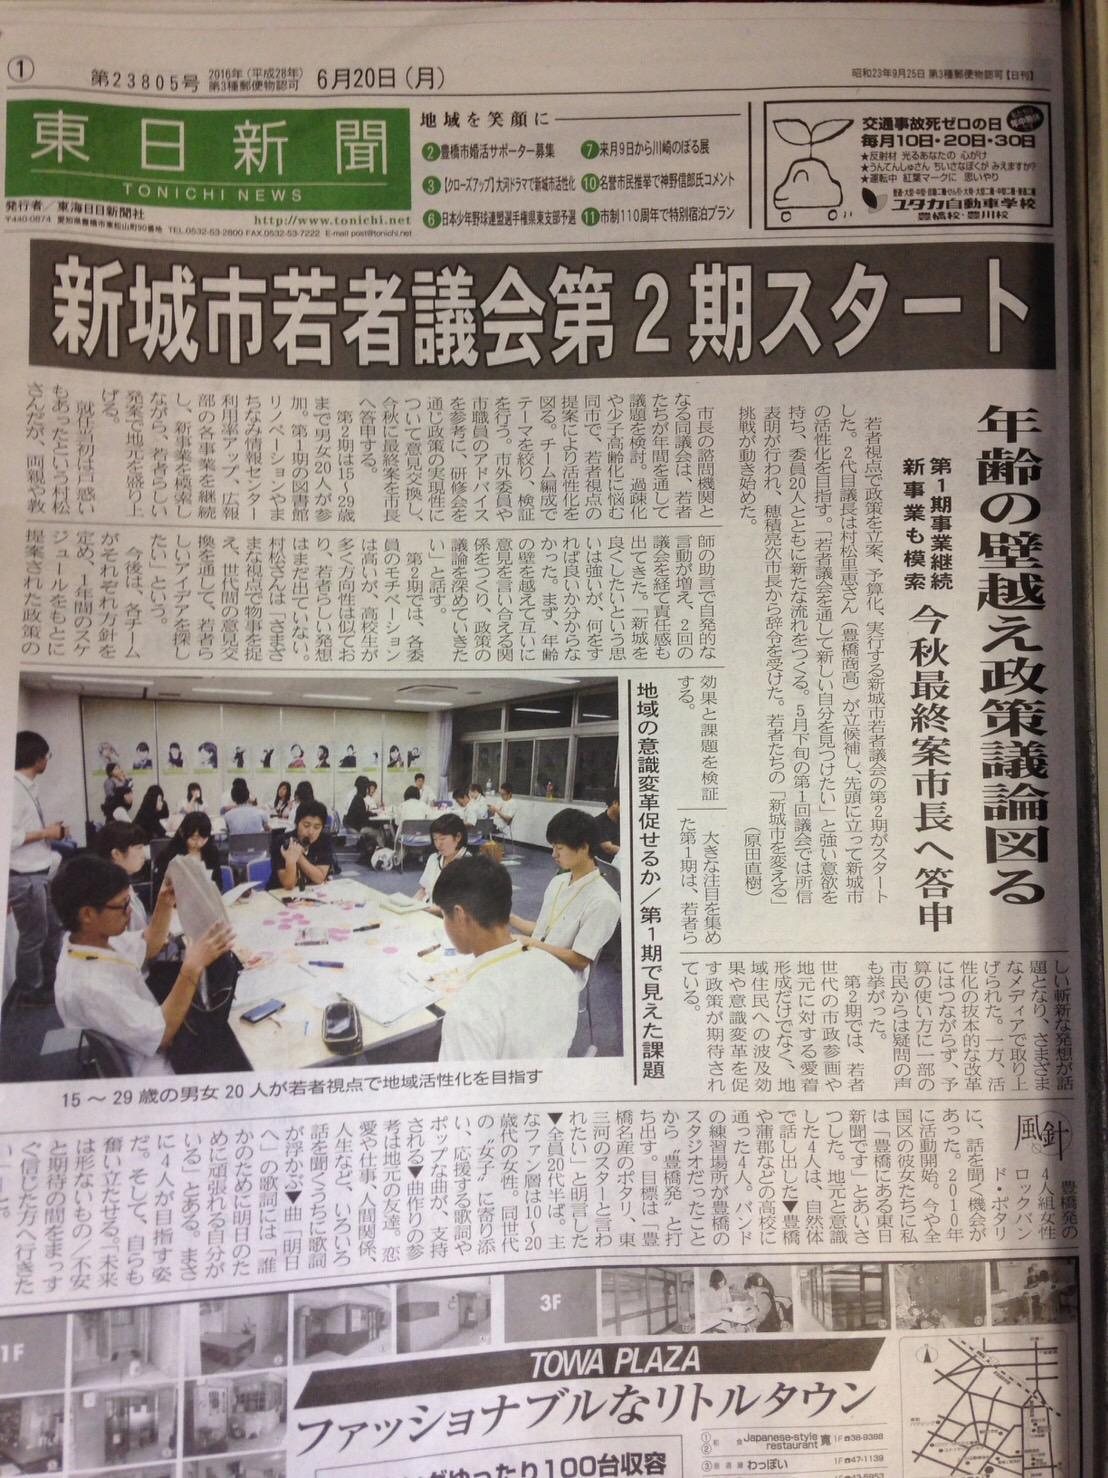 みんなのニュースOneに愛知県新城市若者議会が取り上げられました!新聞にも! (1)